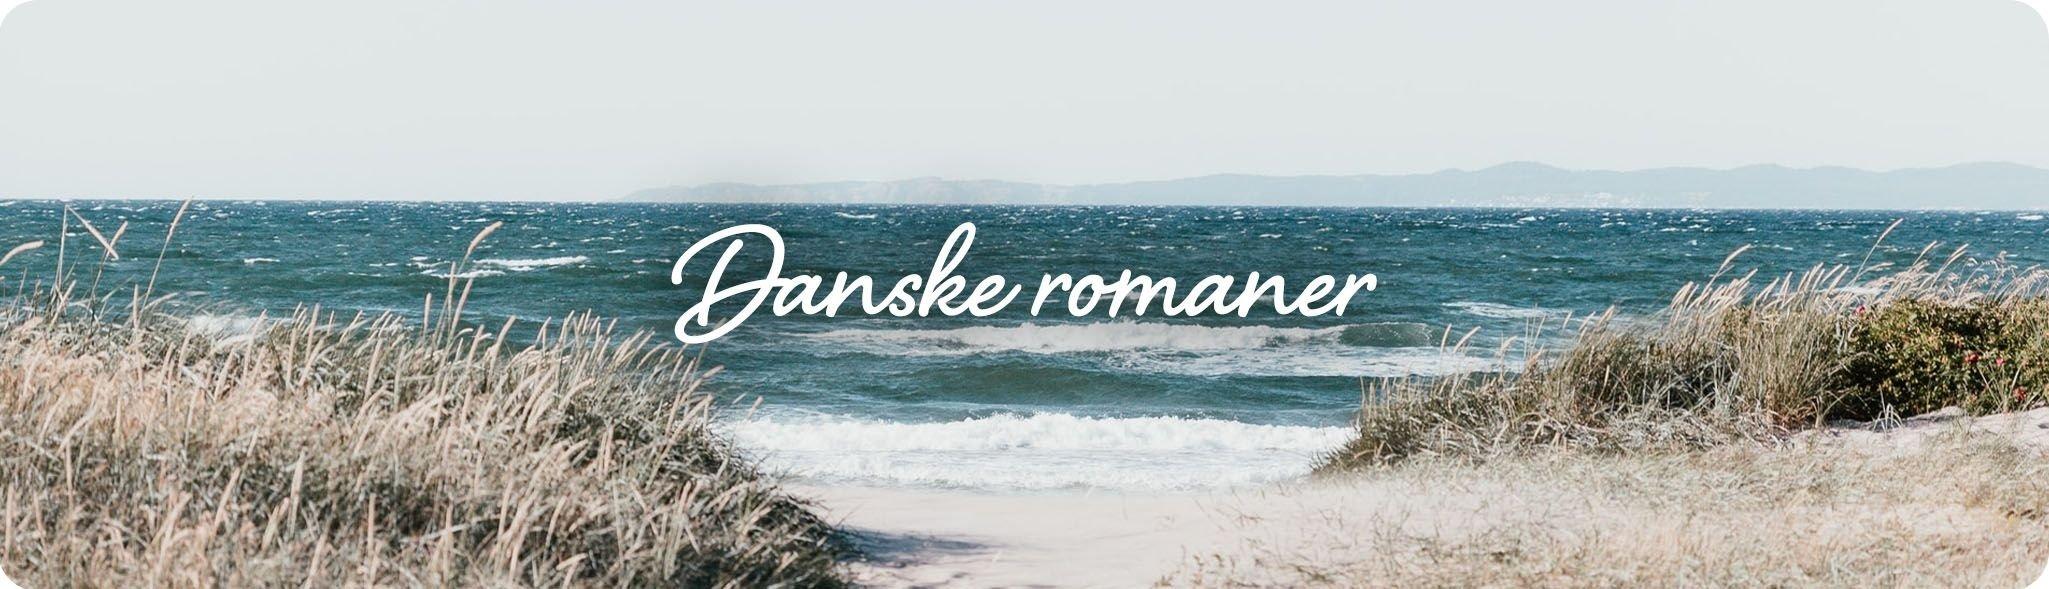 Danske romaner